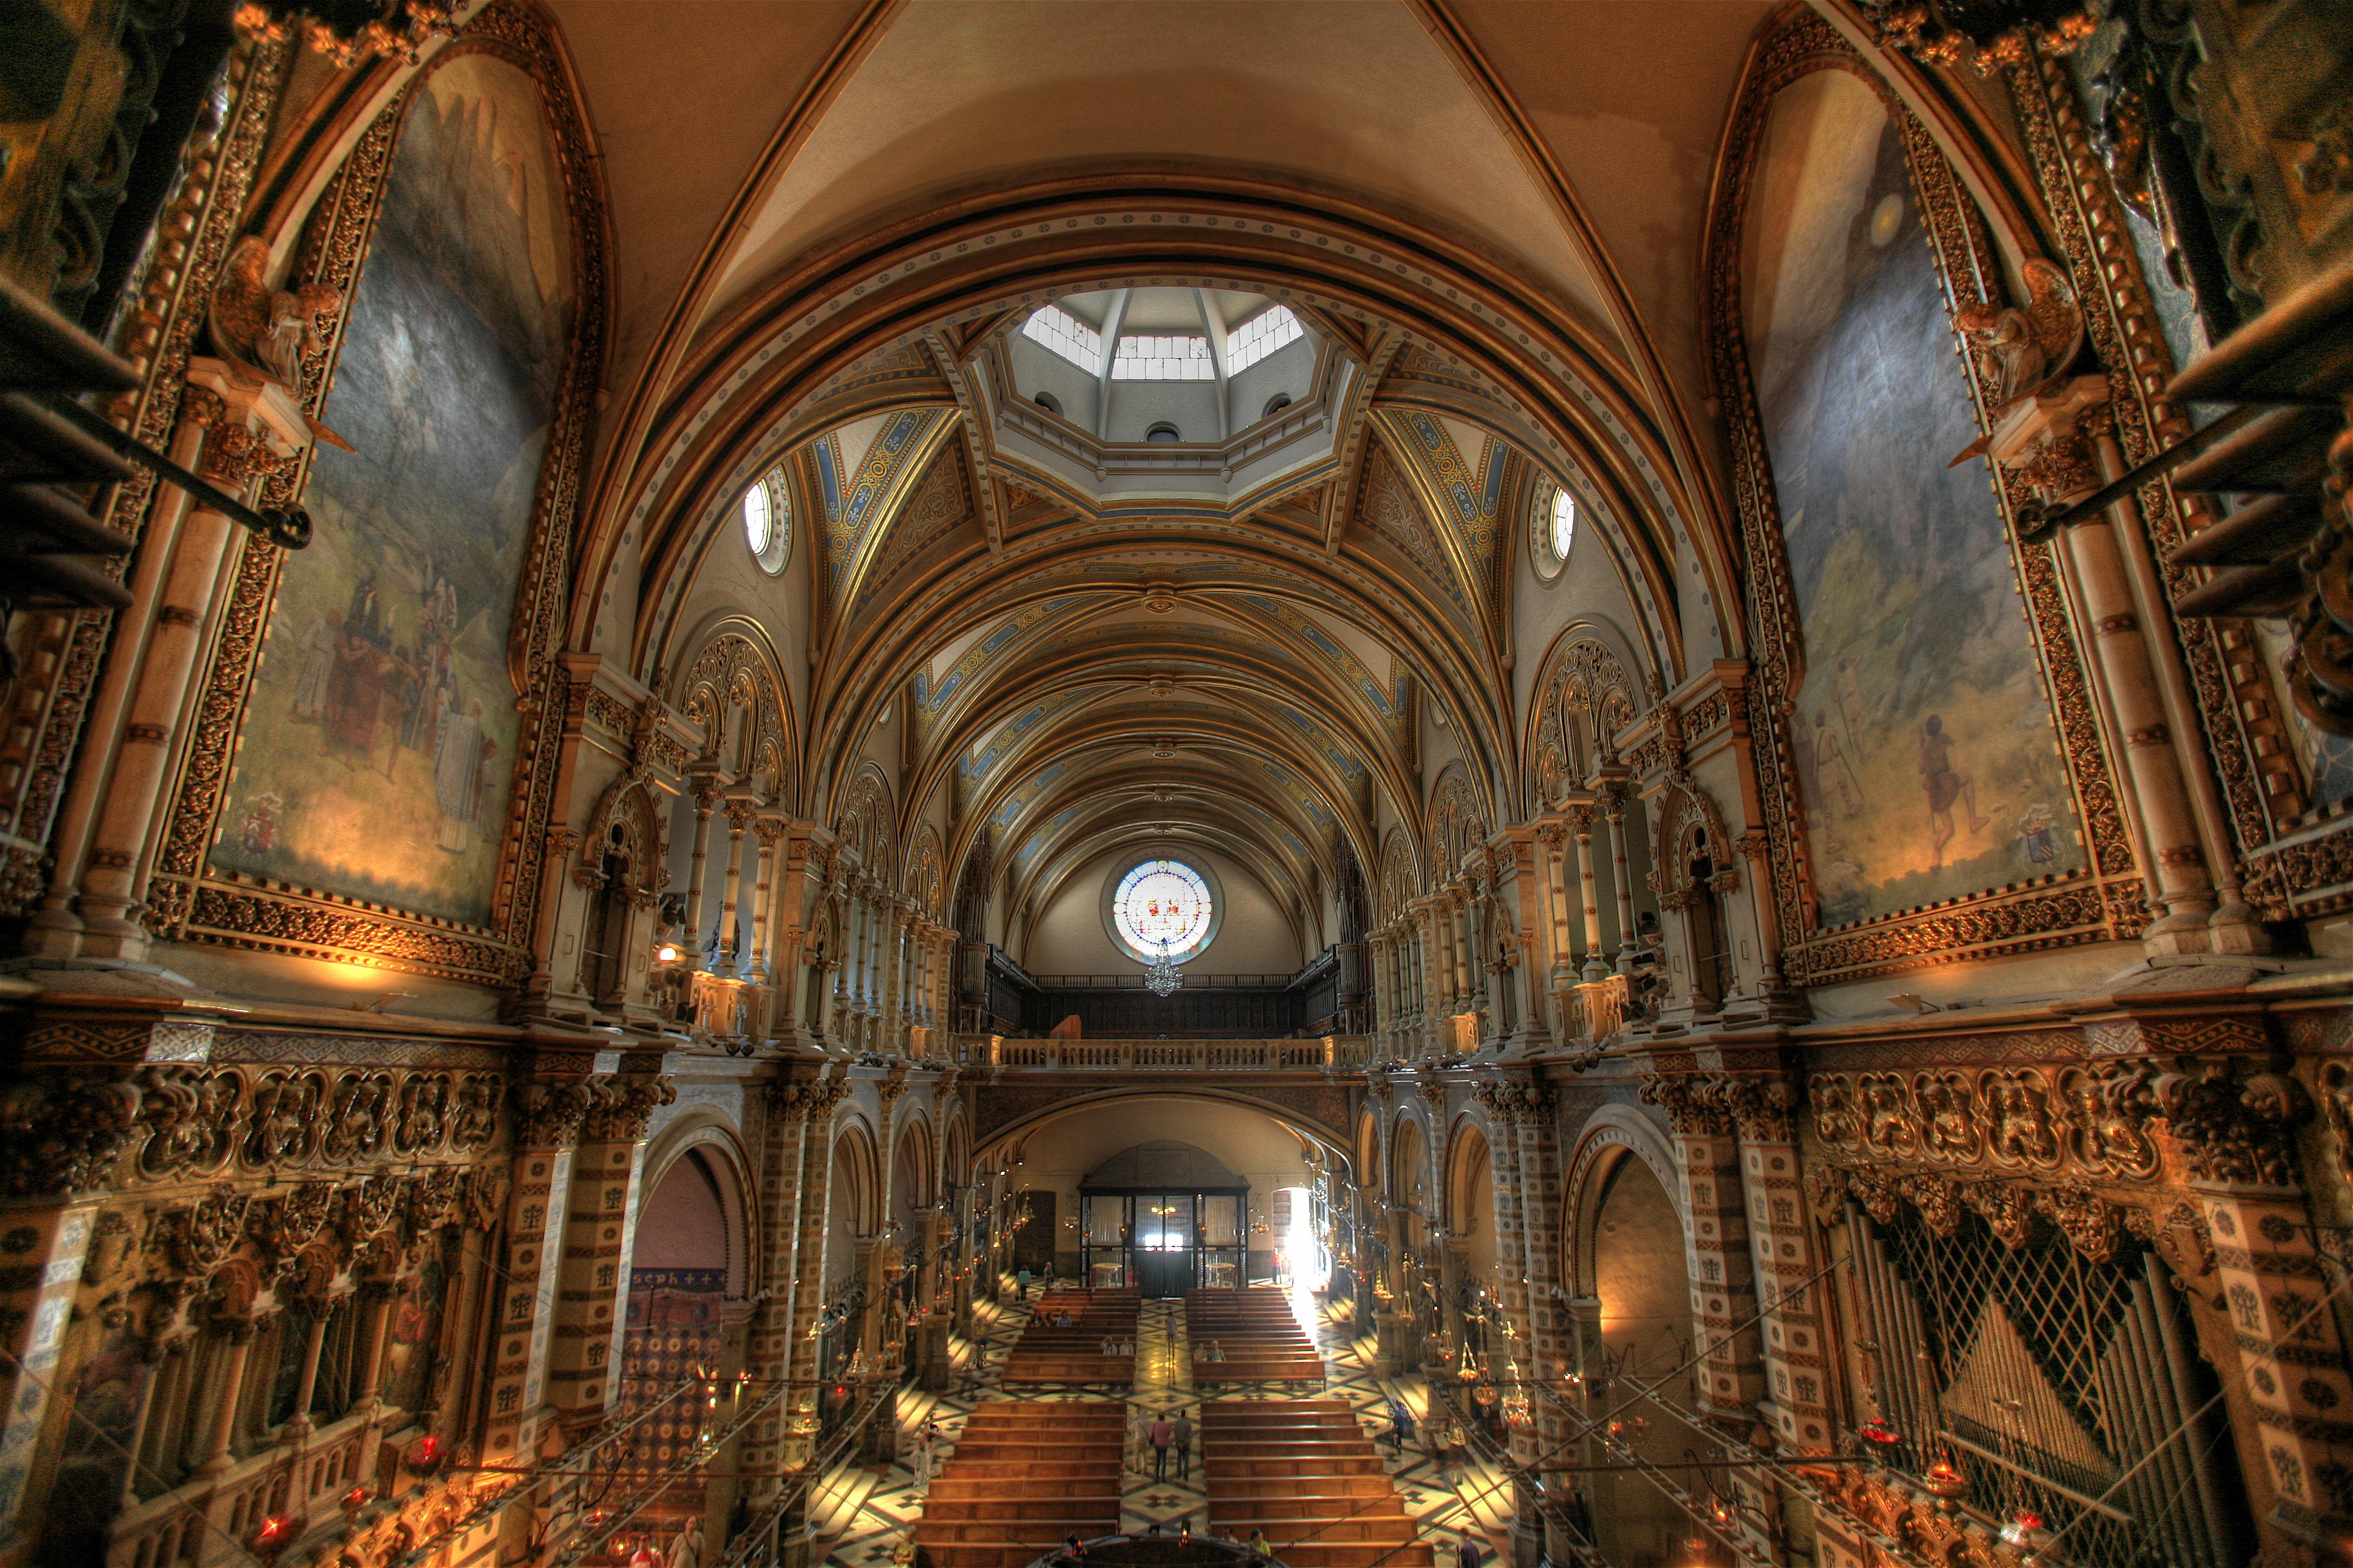 Castles,monasteries and cathedrals: fotos MONESTIR DE SANTA MARIA DE MONTSERRAT